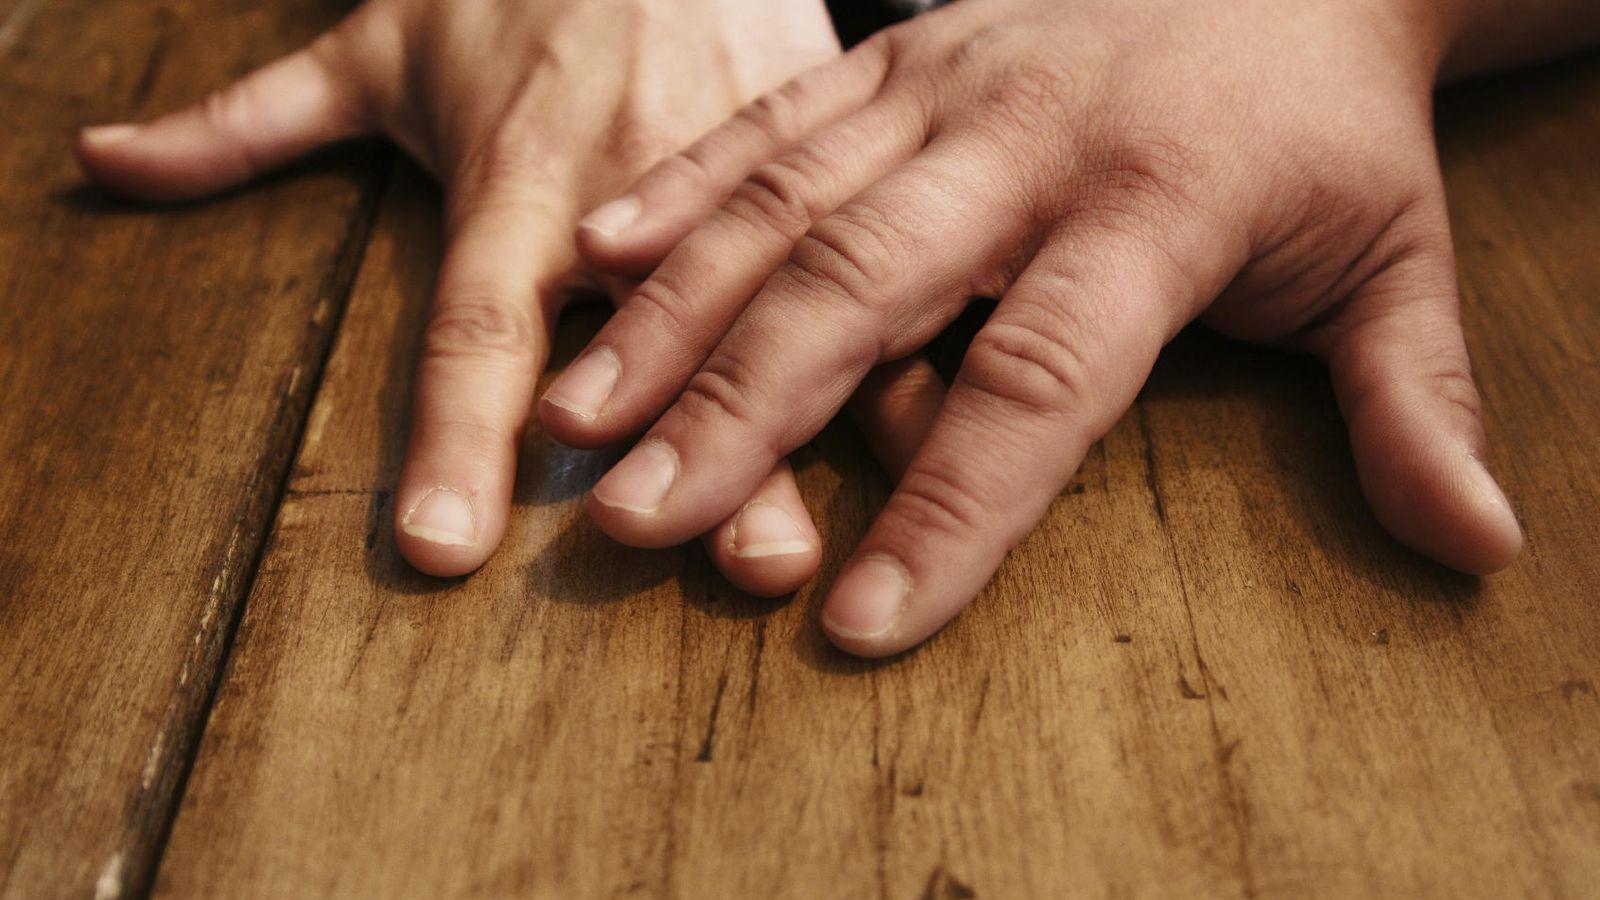 Foto: Los dedos pueden indicar bastantes cosas sobre nuestro comportamiento sexual. (iStock)